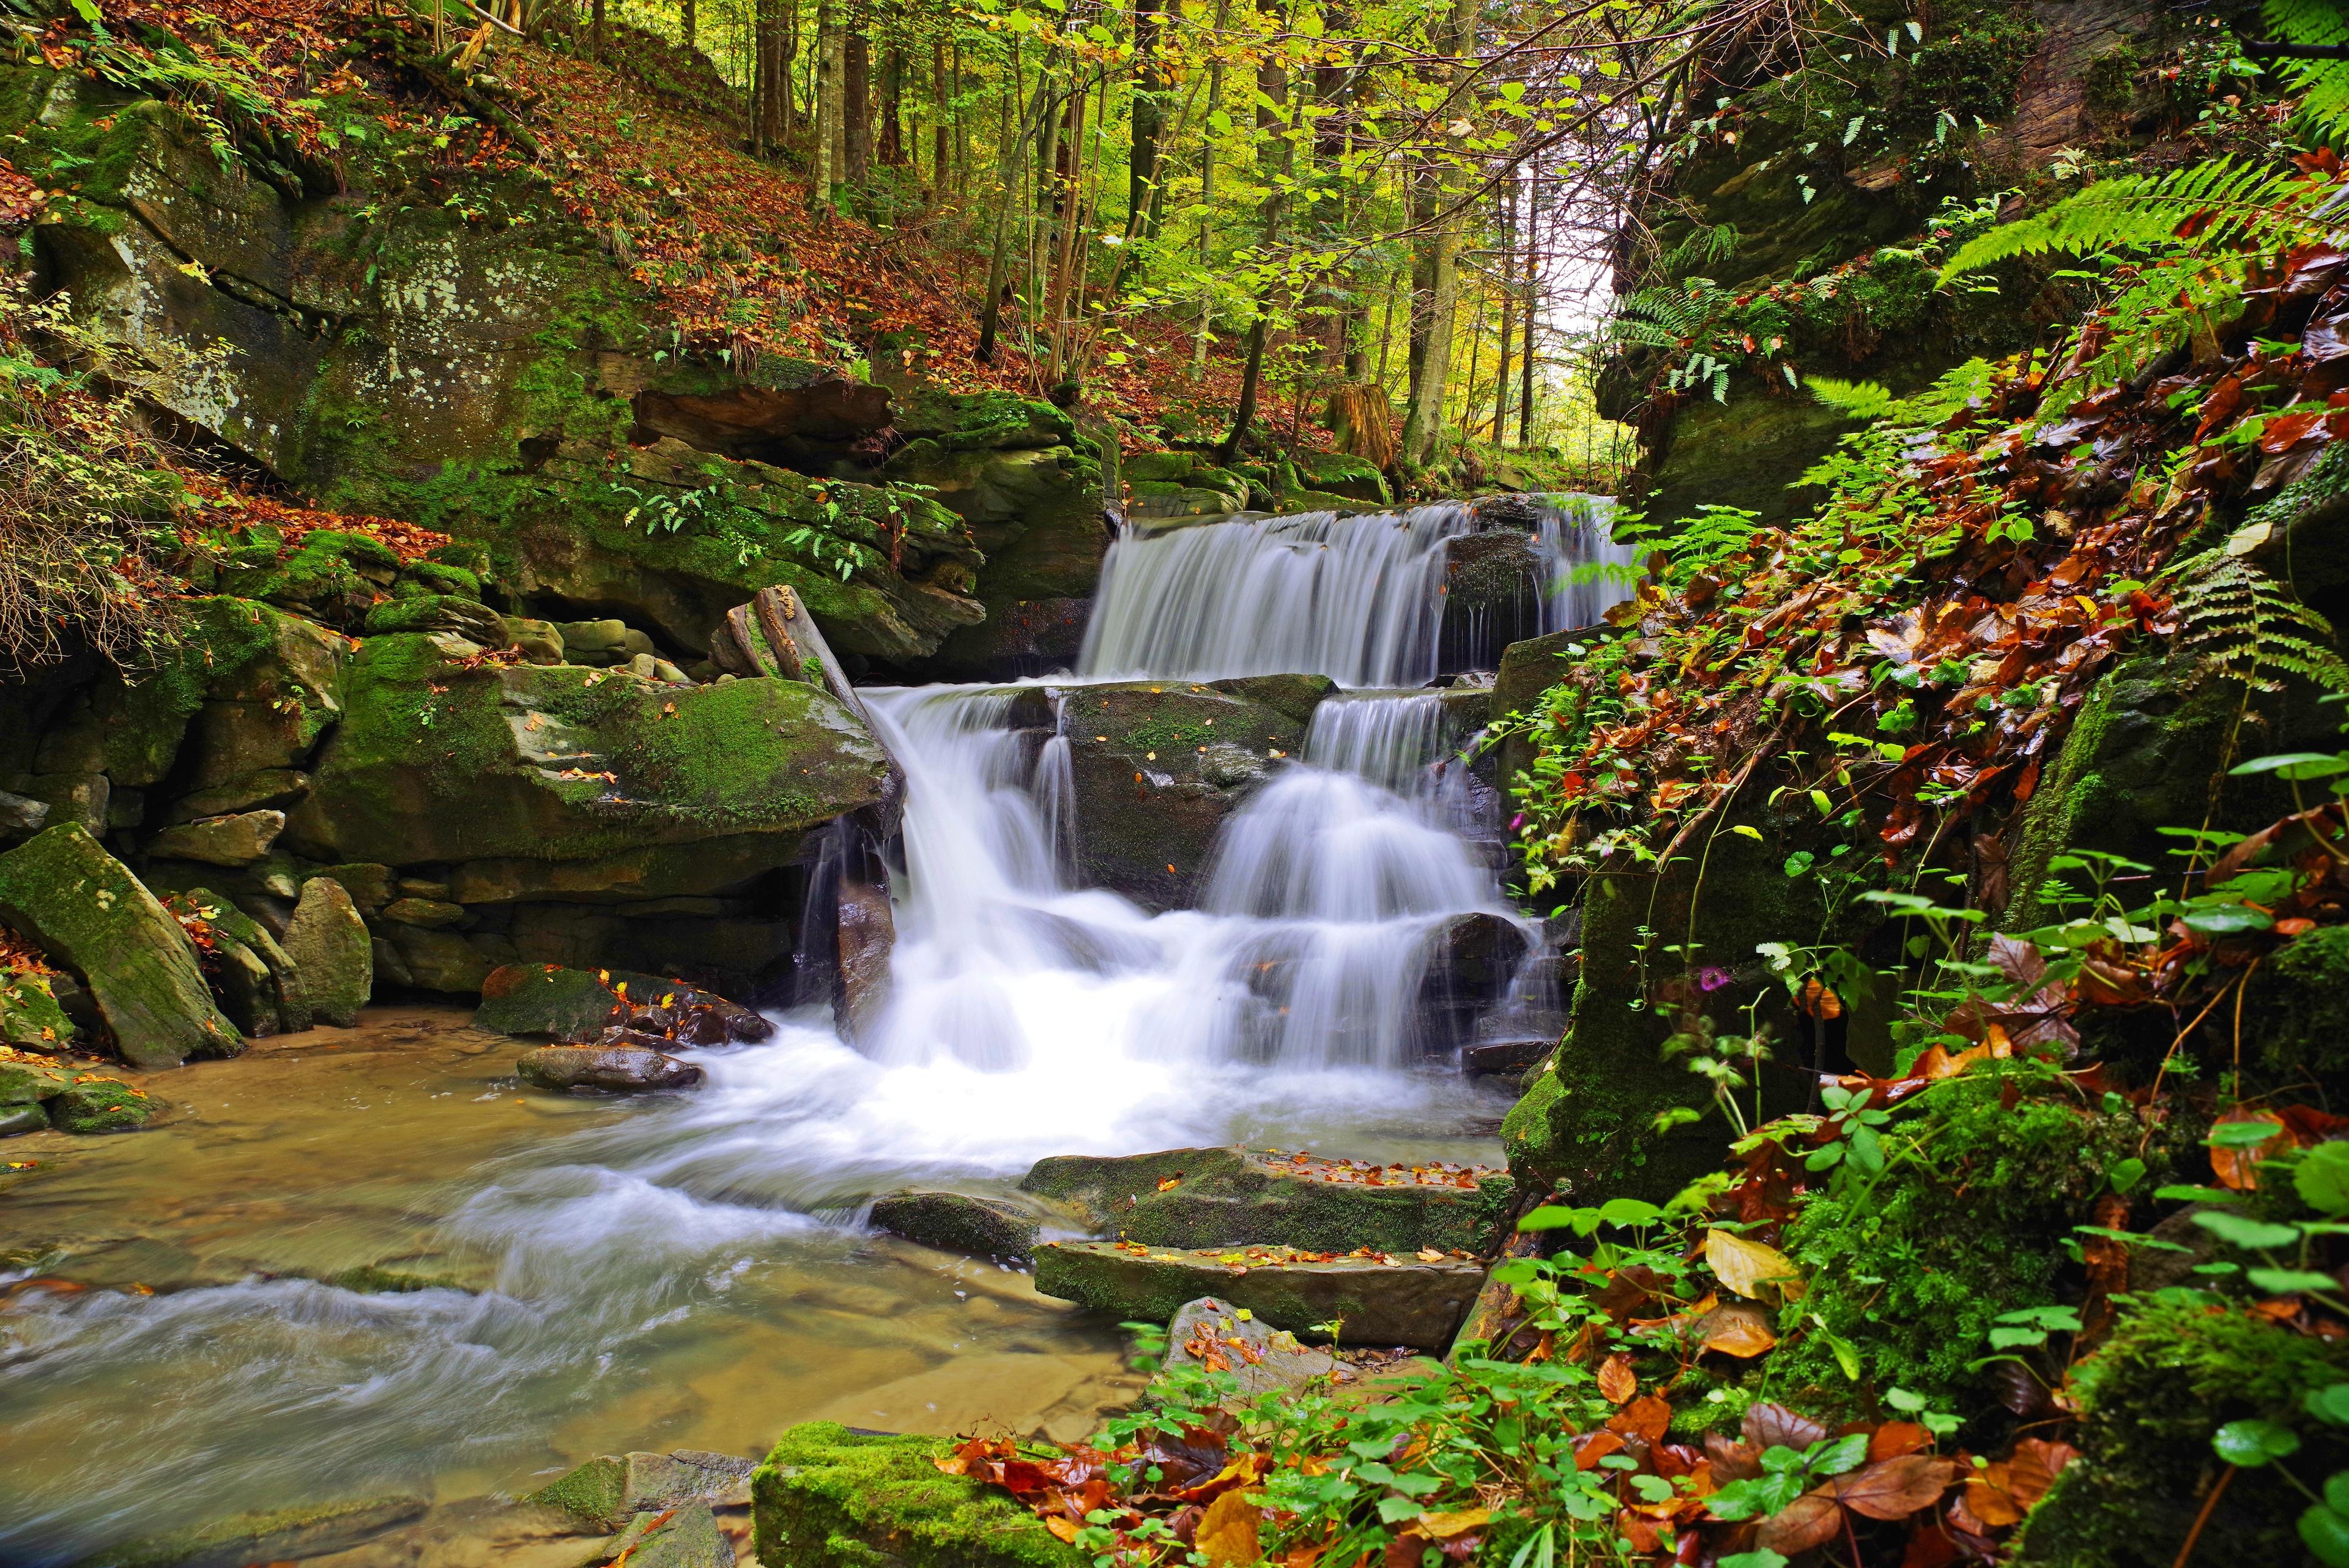 Фотография Листья Польша Bieszczady осенние Природа Водопады Мох Камень Листва Осень Камни